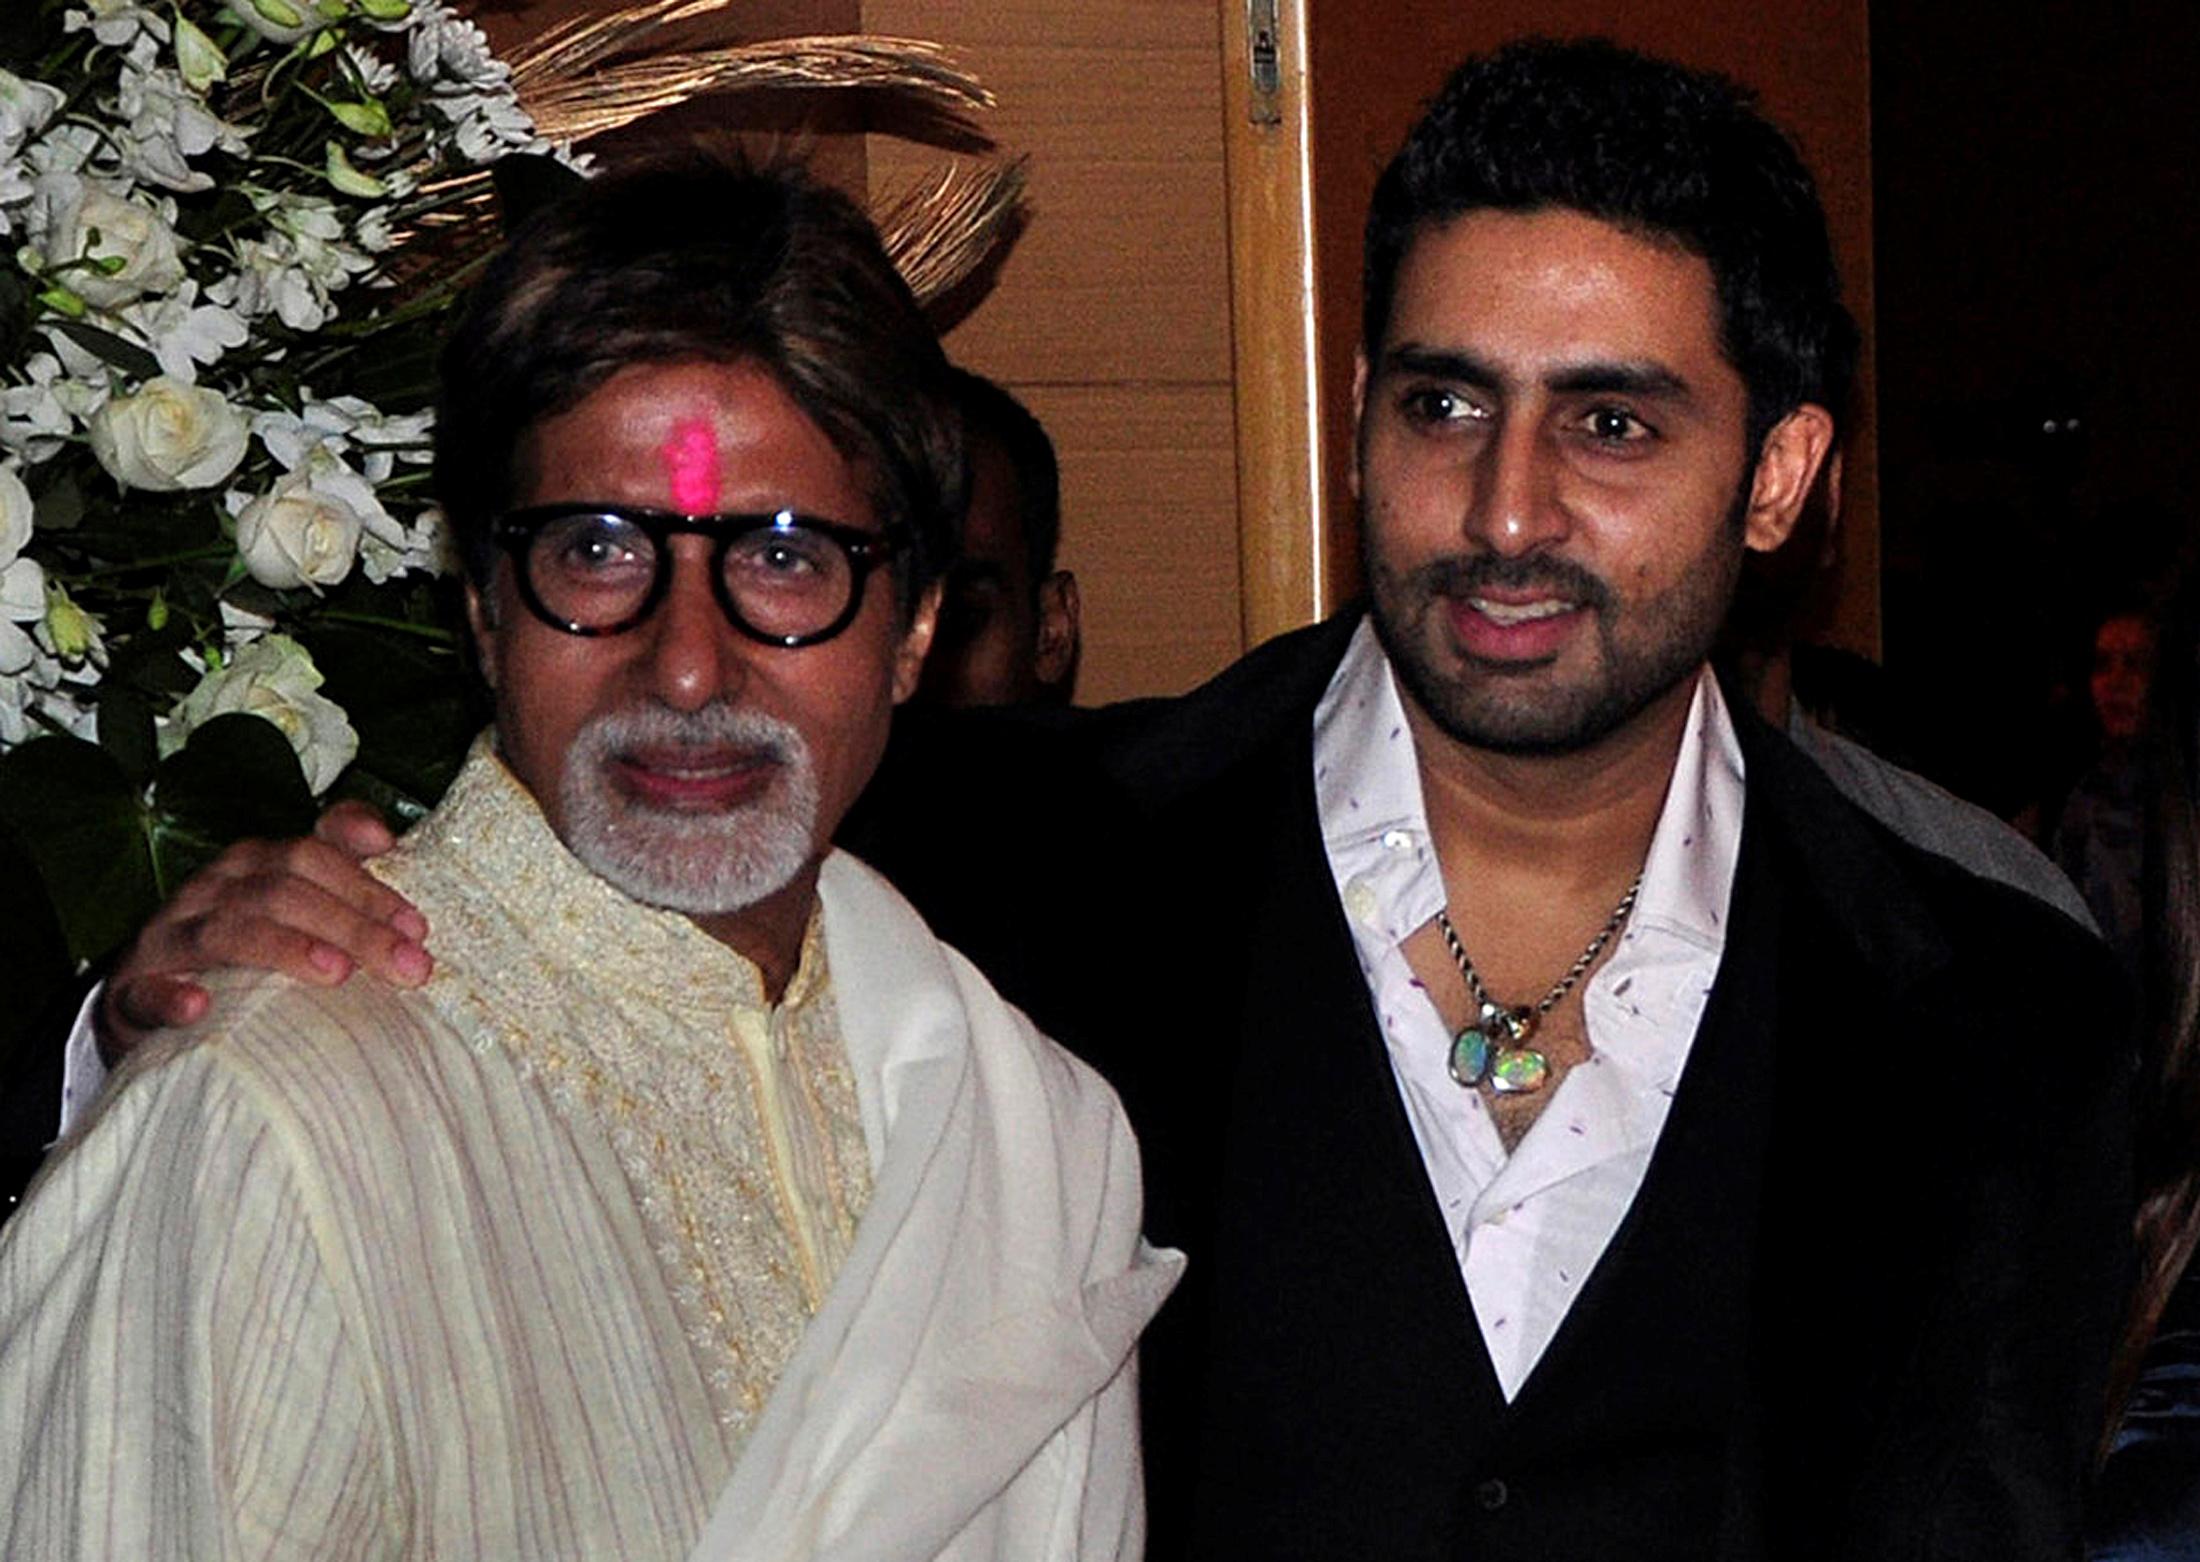 """النجم الهندي السينمائي """"أميتاب باتشان"""" وابنه الممثل ابهيشيك باتشان ينضمان للمصابين بكورونا"""